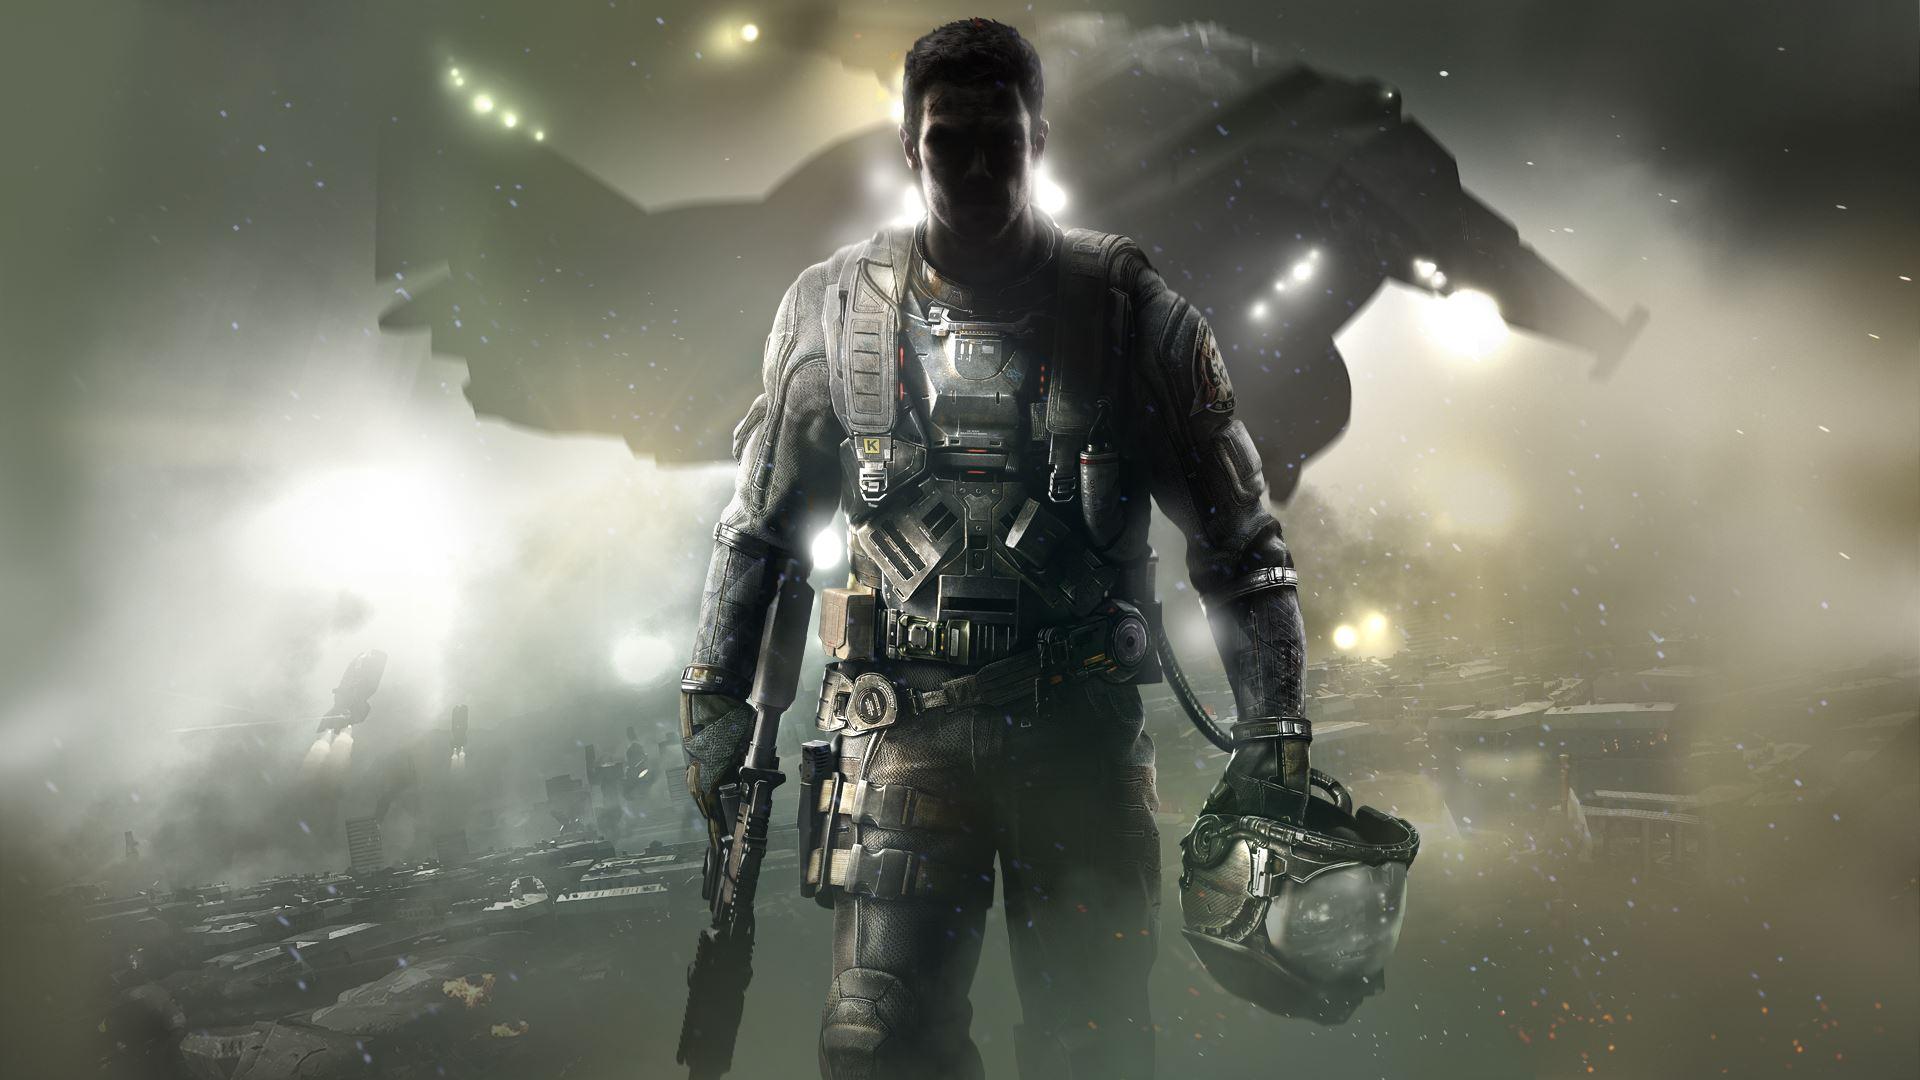 В сеть попал новый геймплей CoD: Infinite Warfare